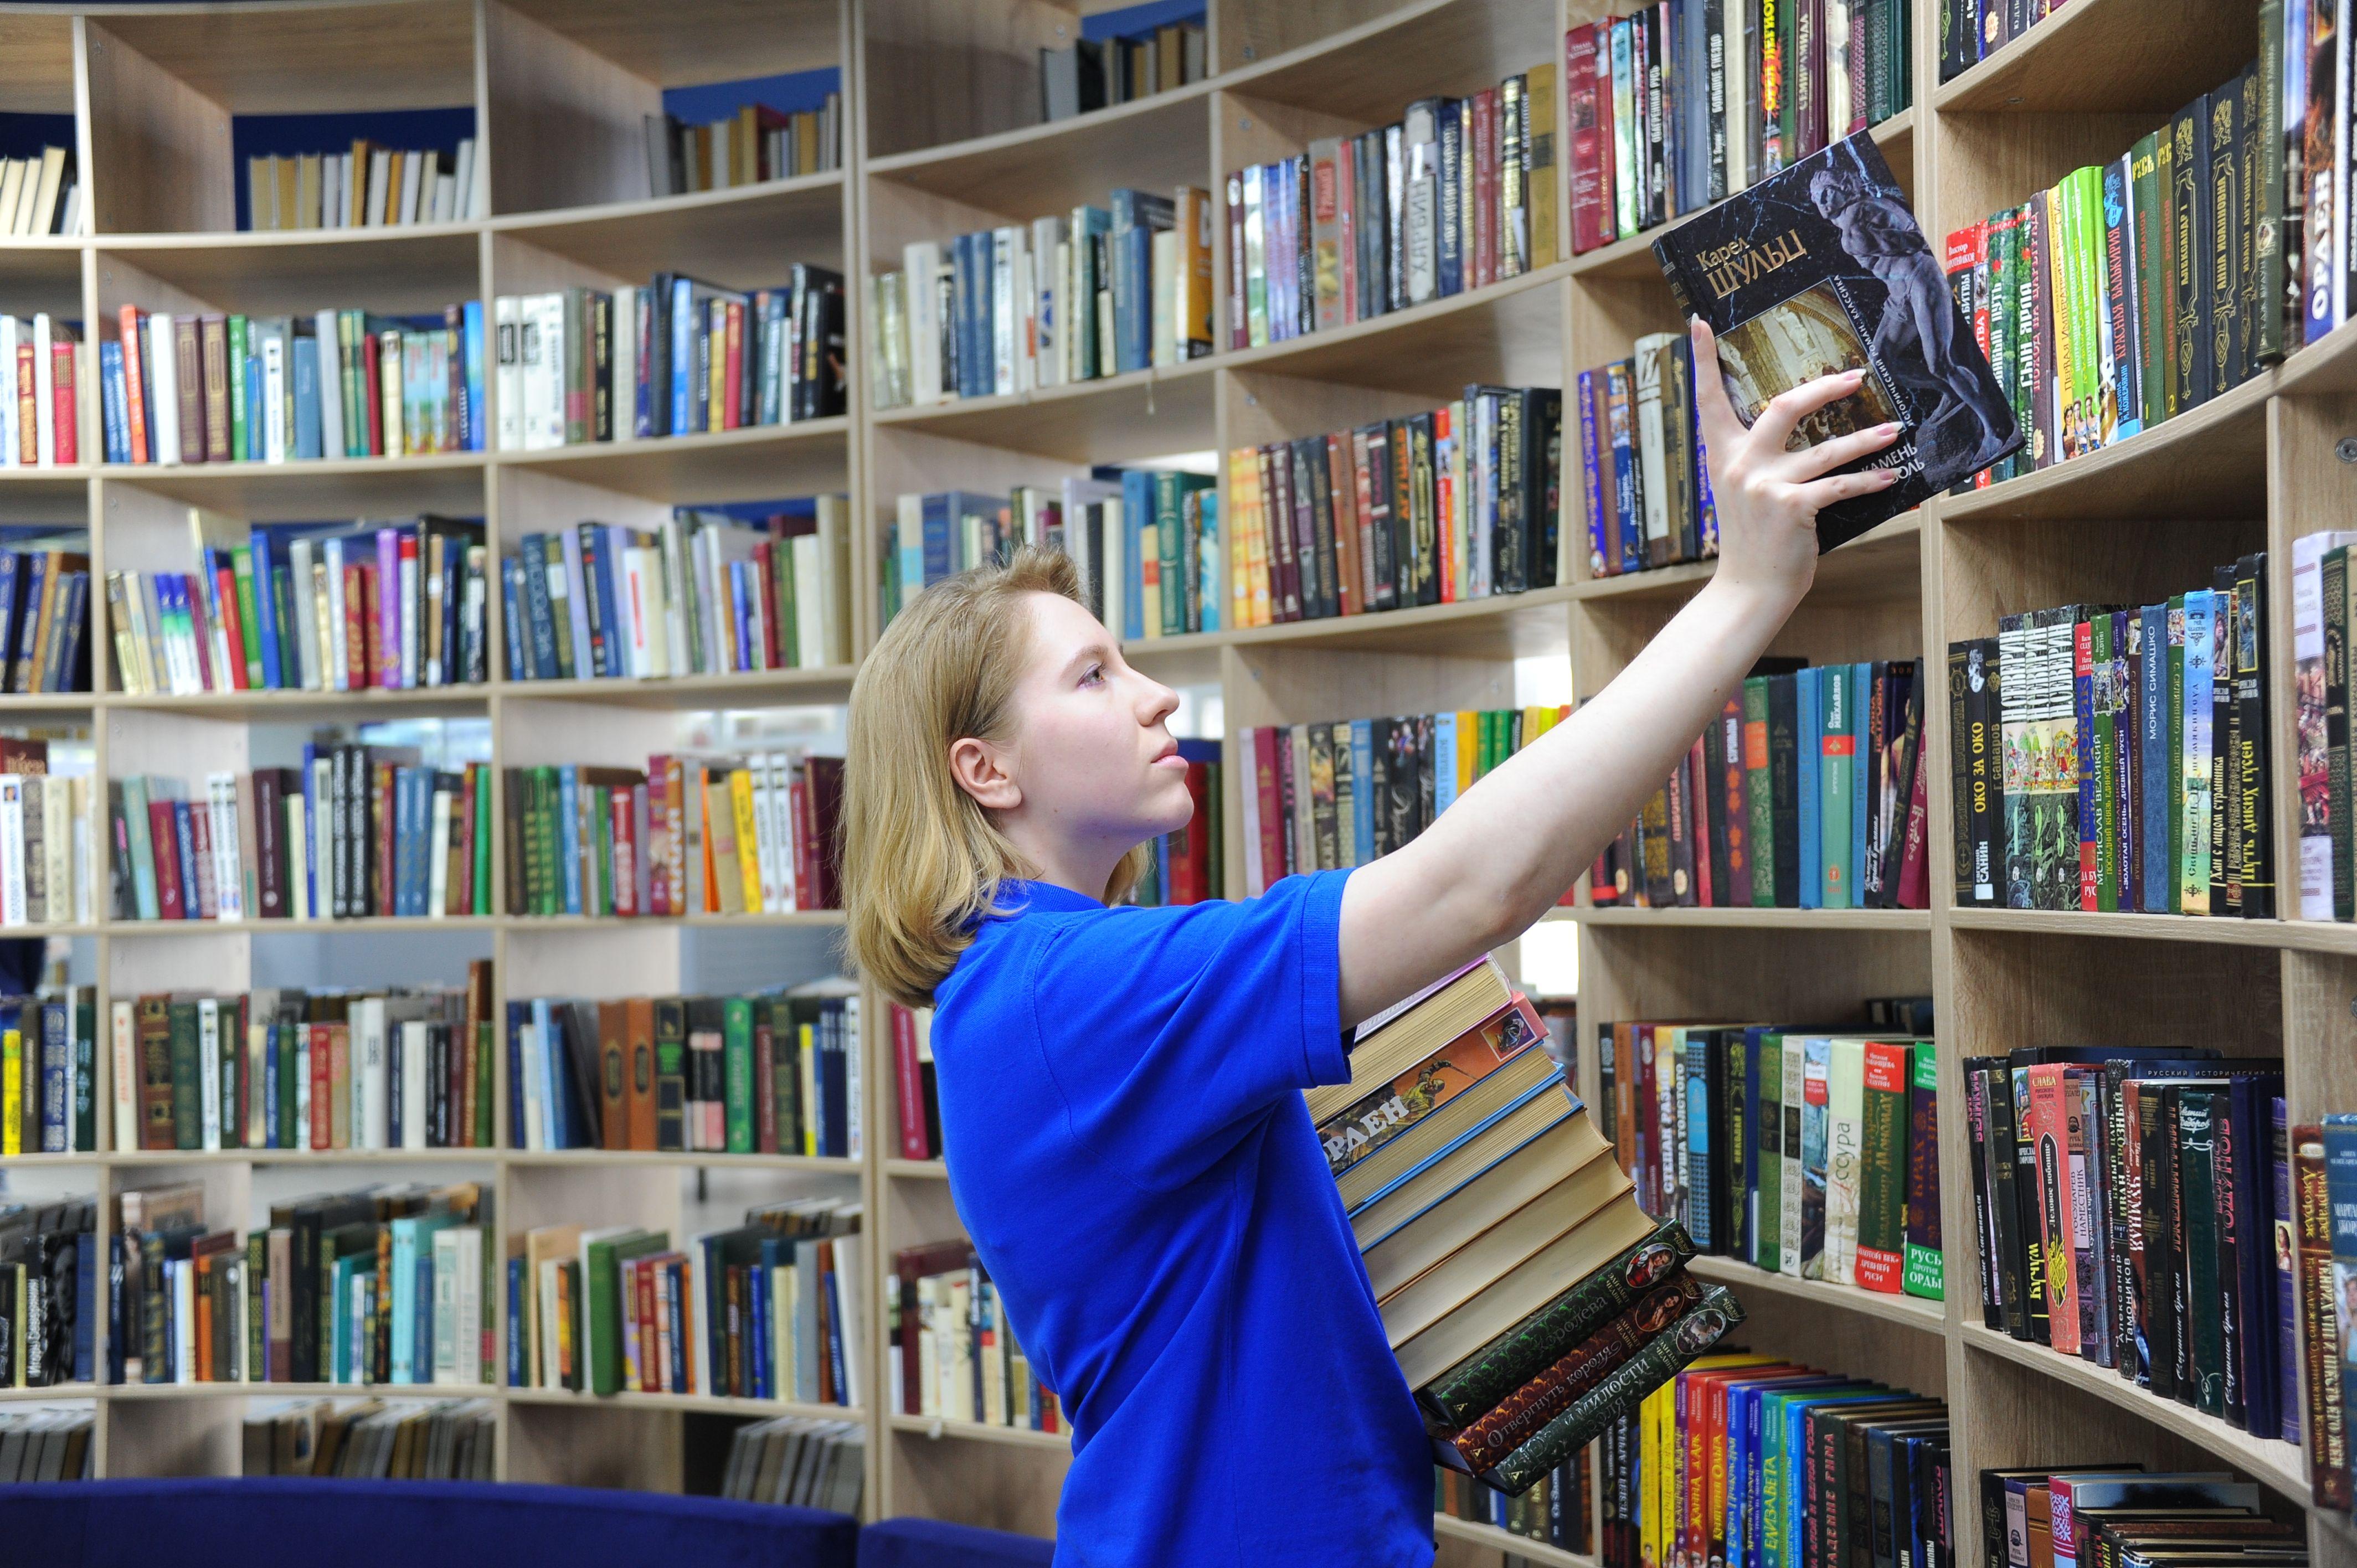 Электронный читательский билет начали использовать в половине библиотек Москвы